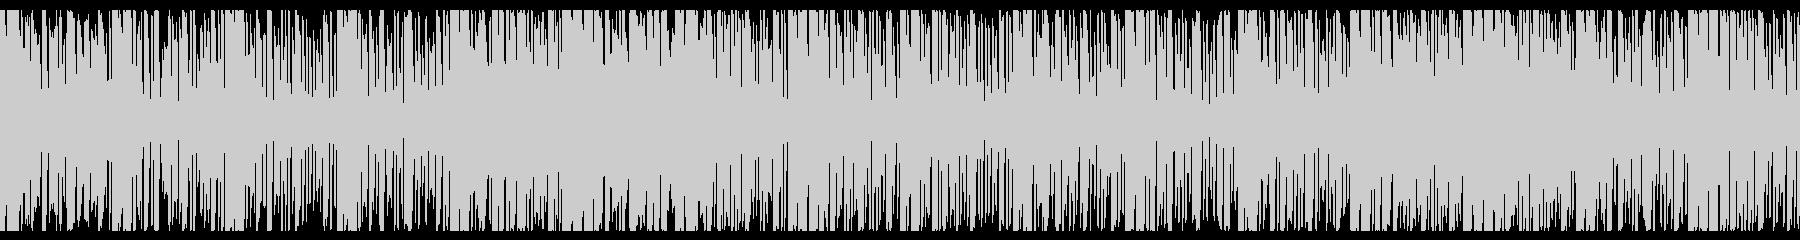 仮想通貨をイメージしたシンセ曲の未再生の波形